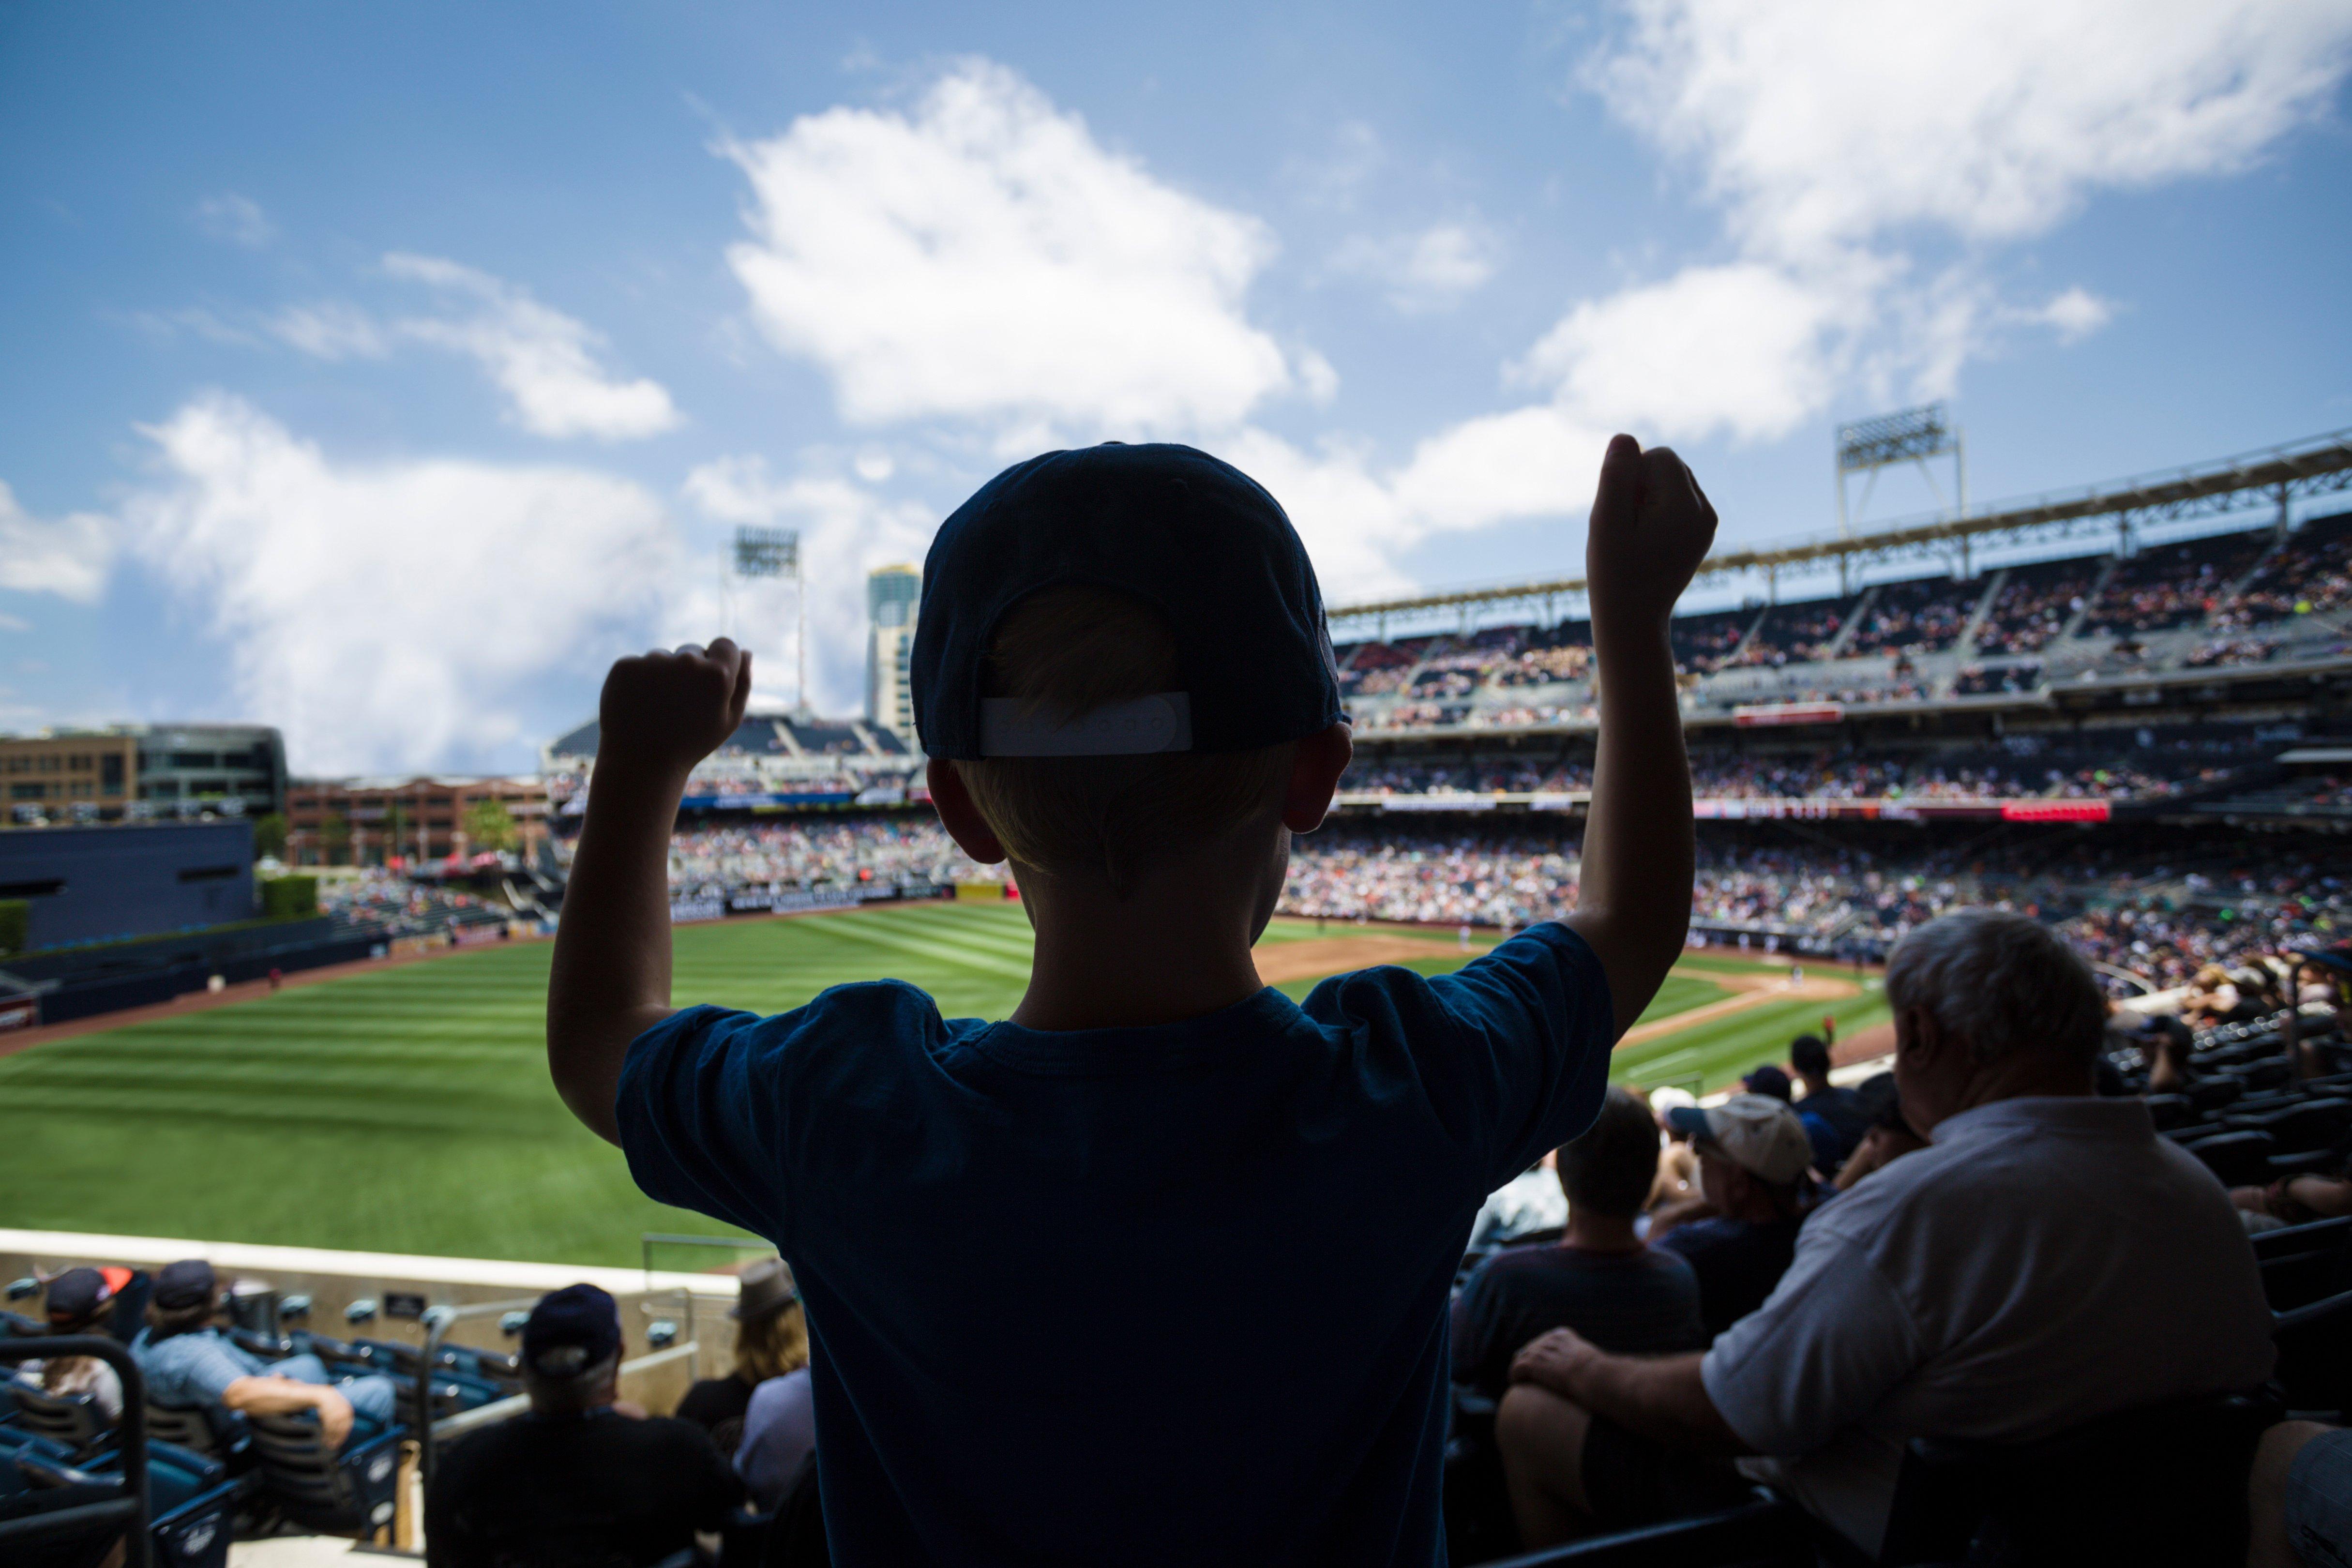 kid at baseball game